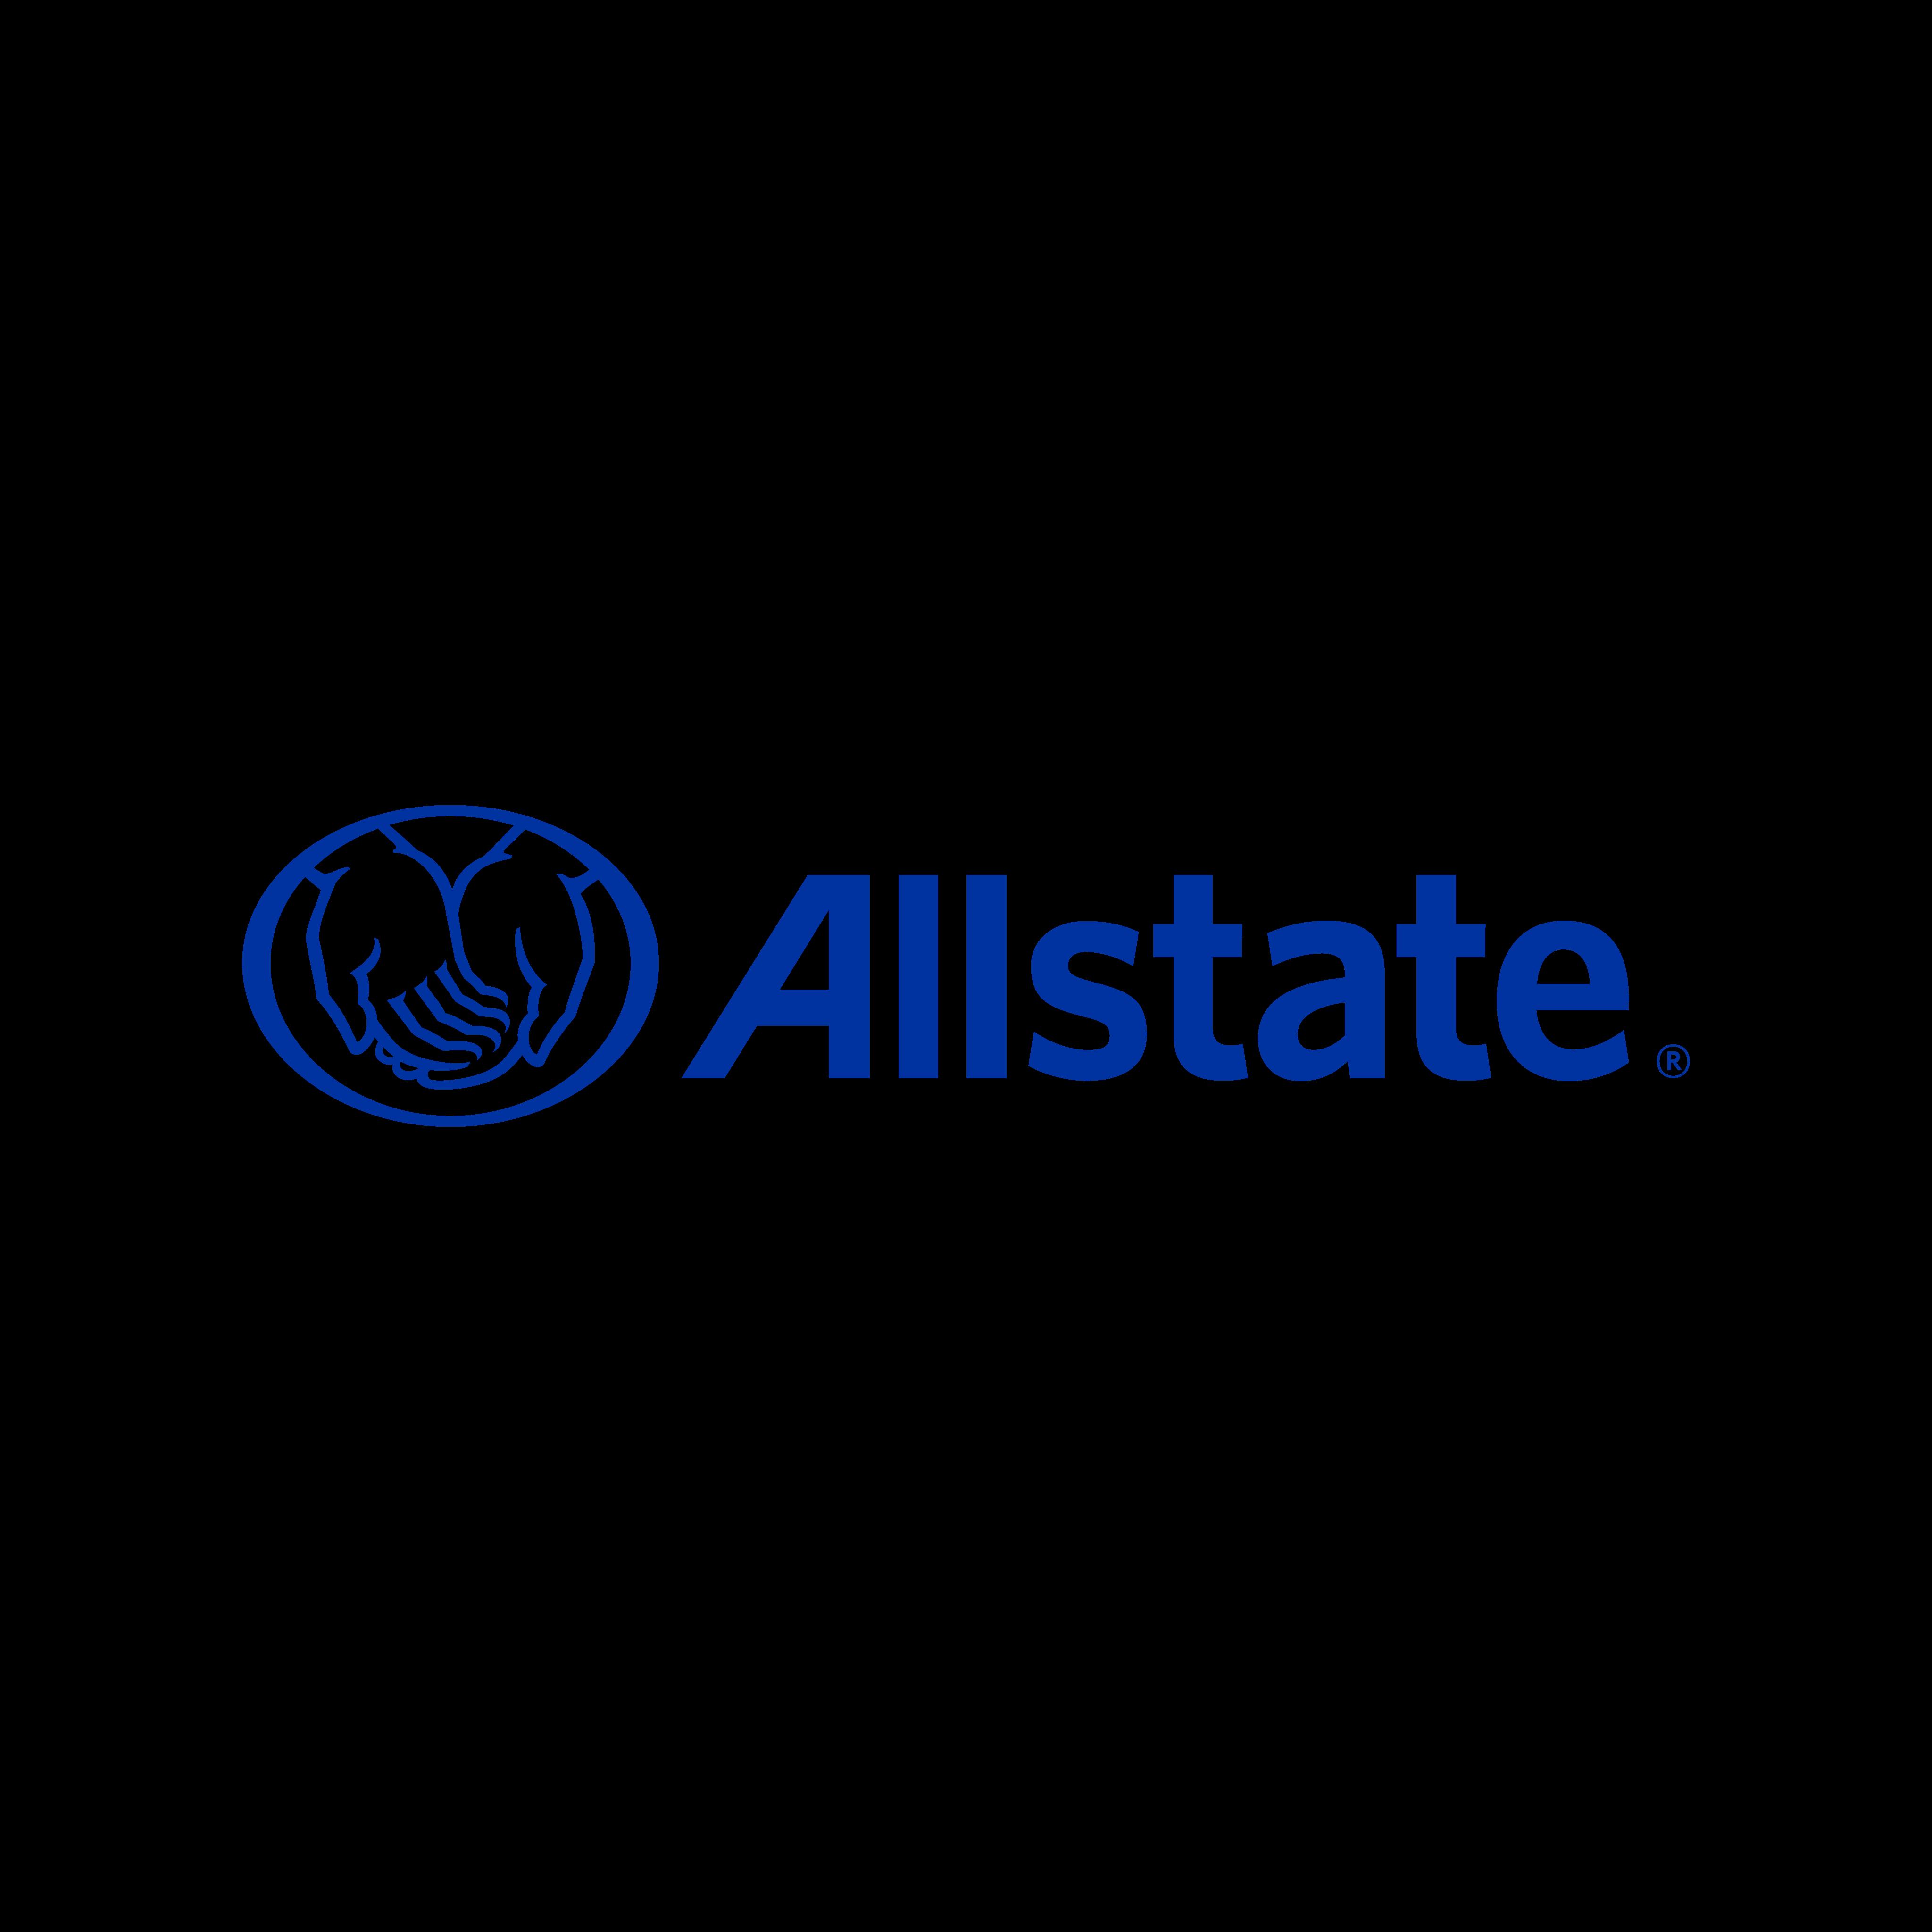 allstate logo 0 - Allstate Logo